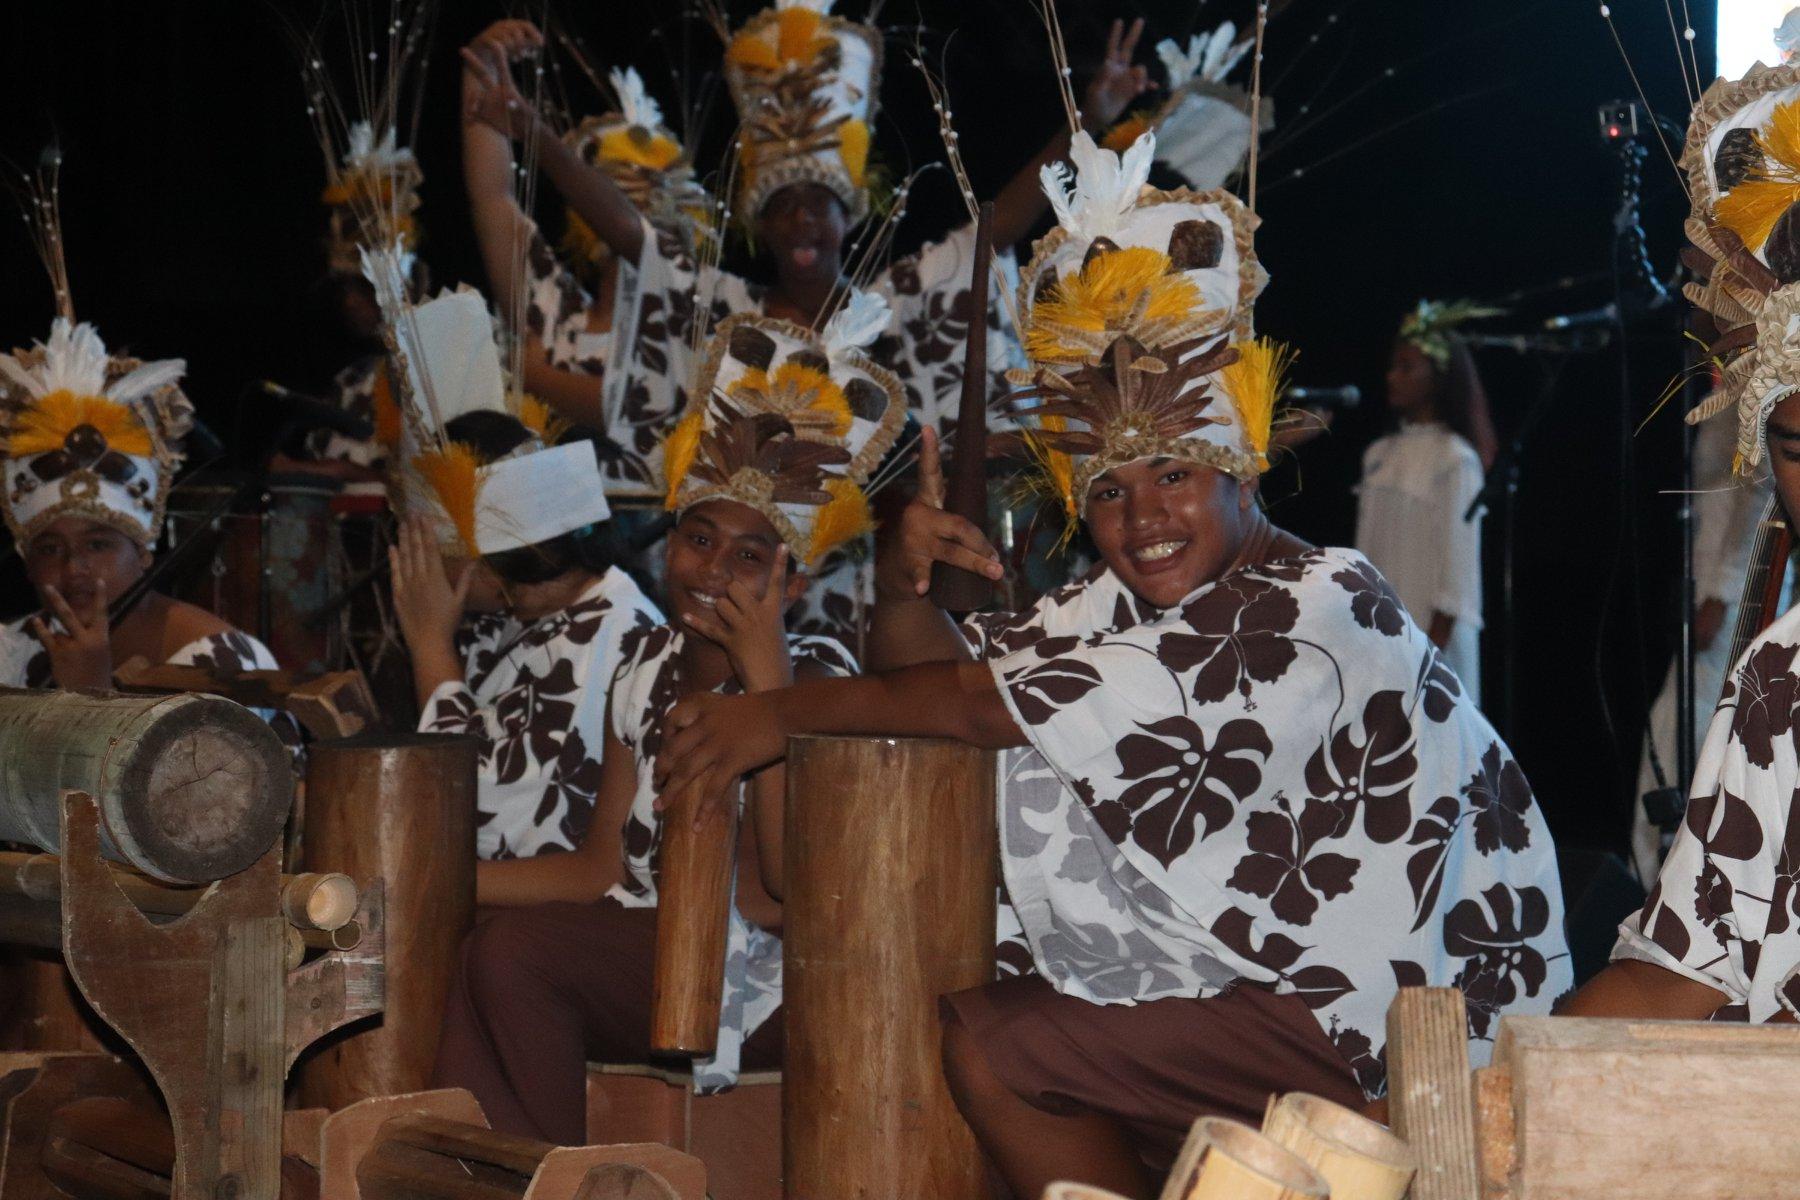 Le prix du meilleur orchestre a été attribué au collège de Afareaitu.